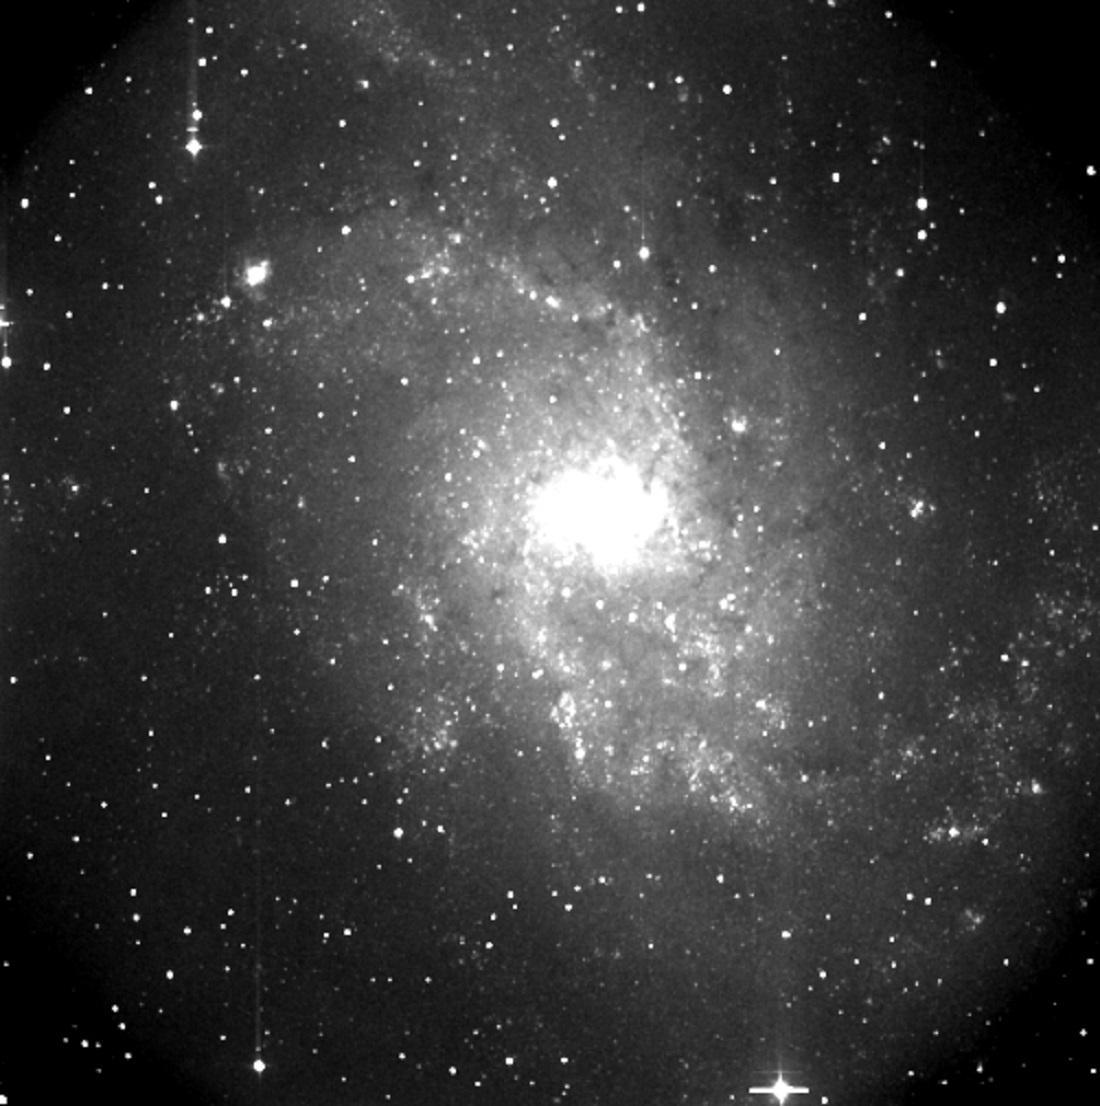 Snímek galaxie M33 v souhvězdí Trojůhelníka byl pořízen v noci z 20.21. září 2003